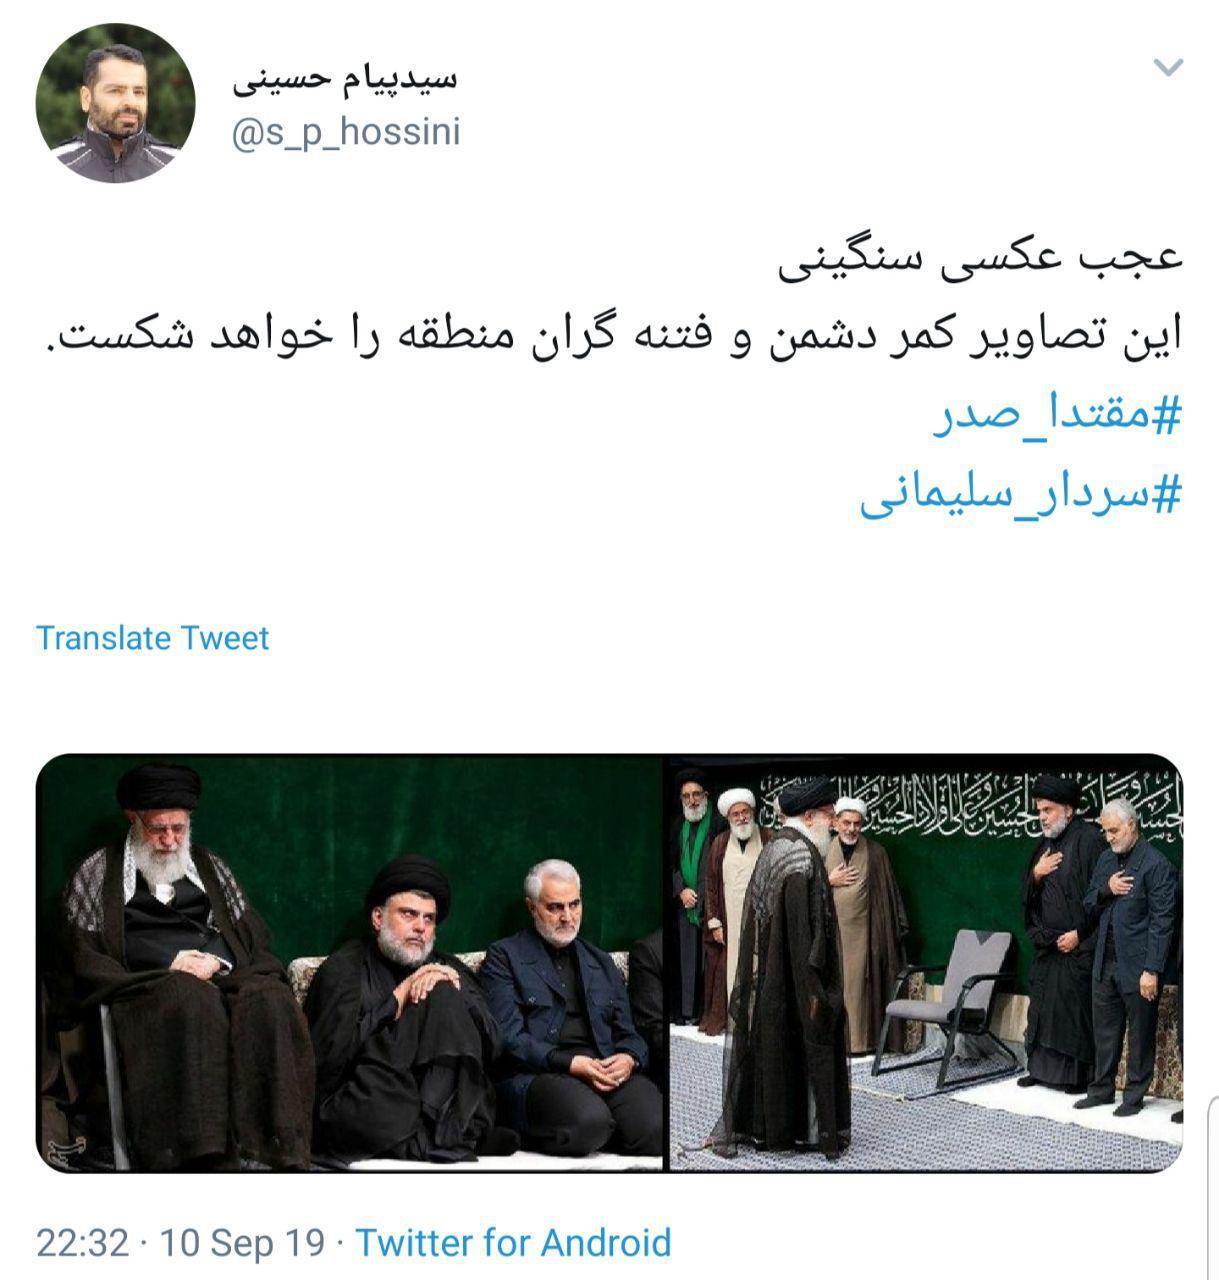 واکنش کاربران به حضور مقتدی صدر در حسنیه امام خمینی